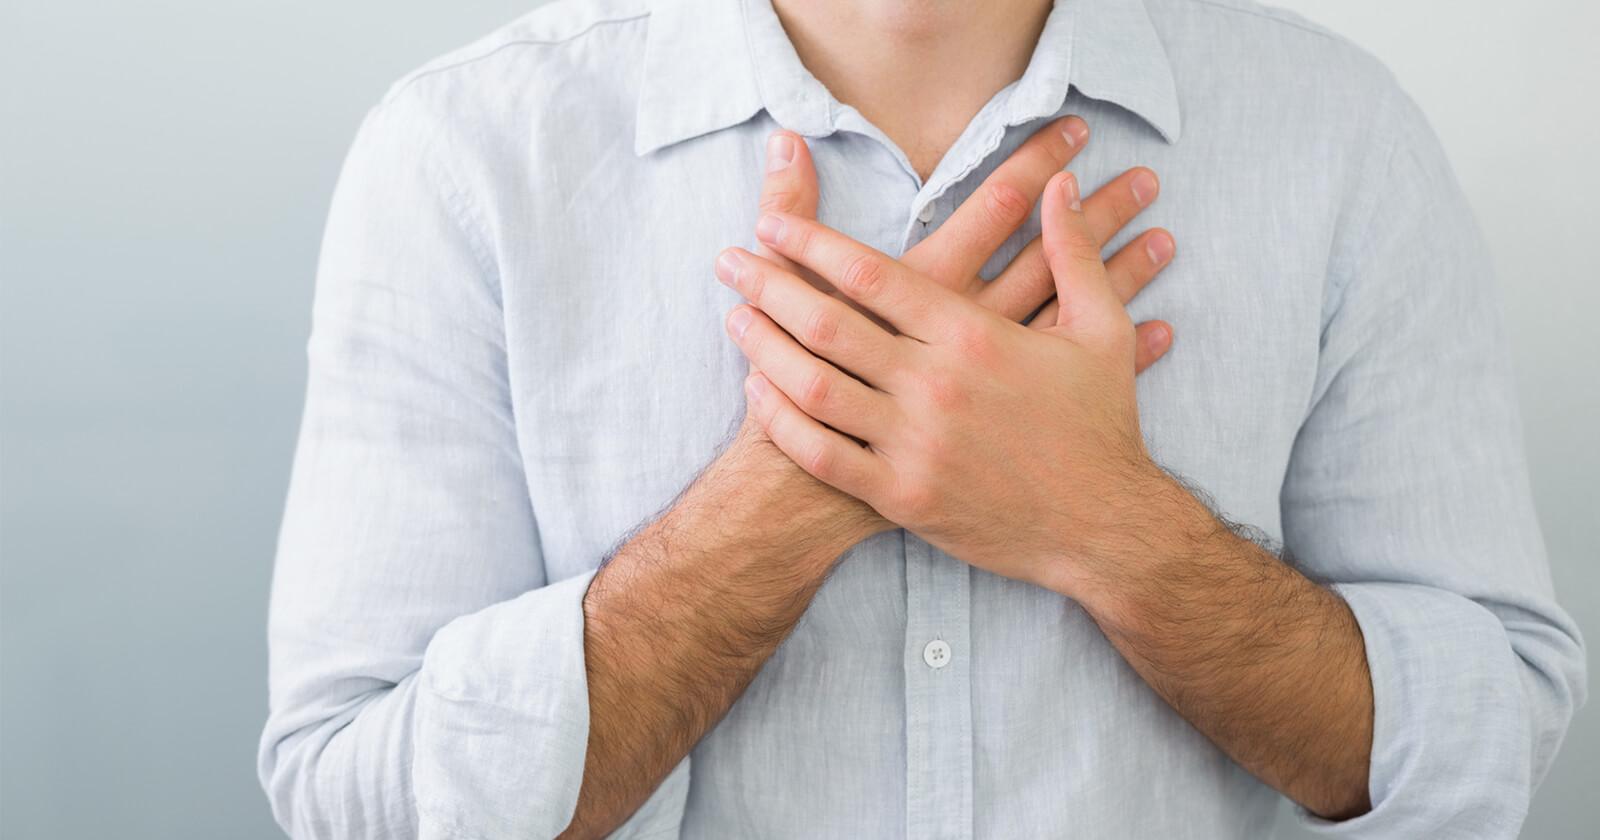 Ein Mann greift sich an die Brust, weil er sauer aufstoßen muss. Rennie® lindert die Beschwerden.